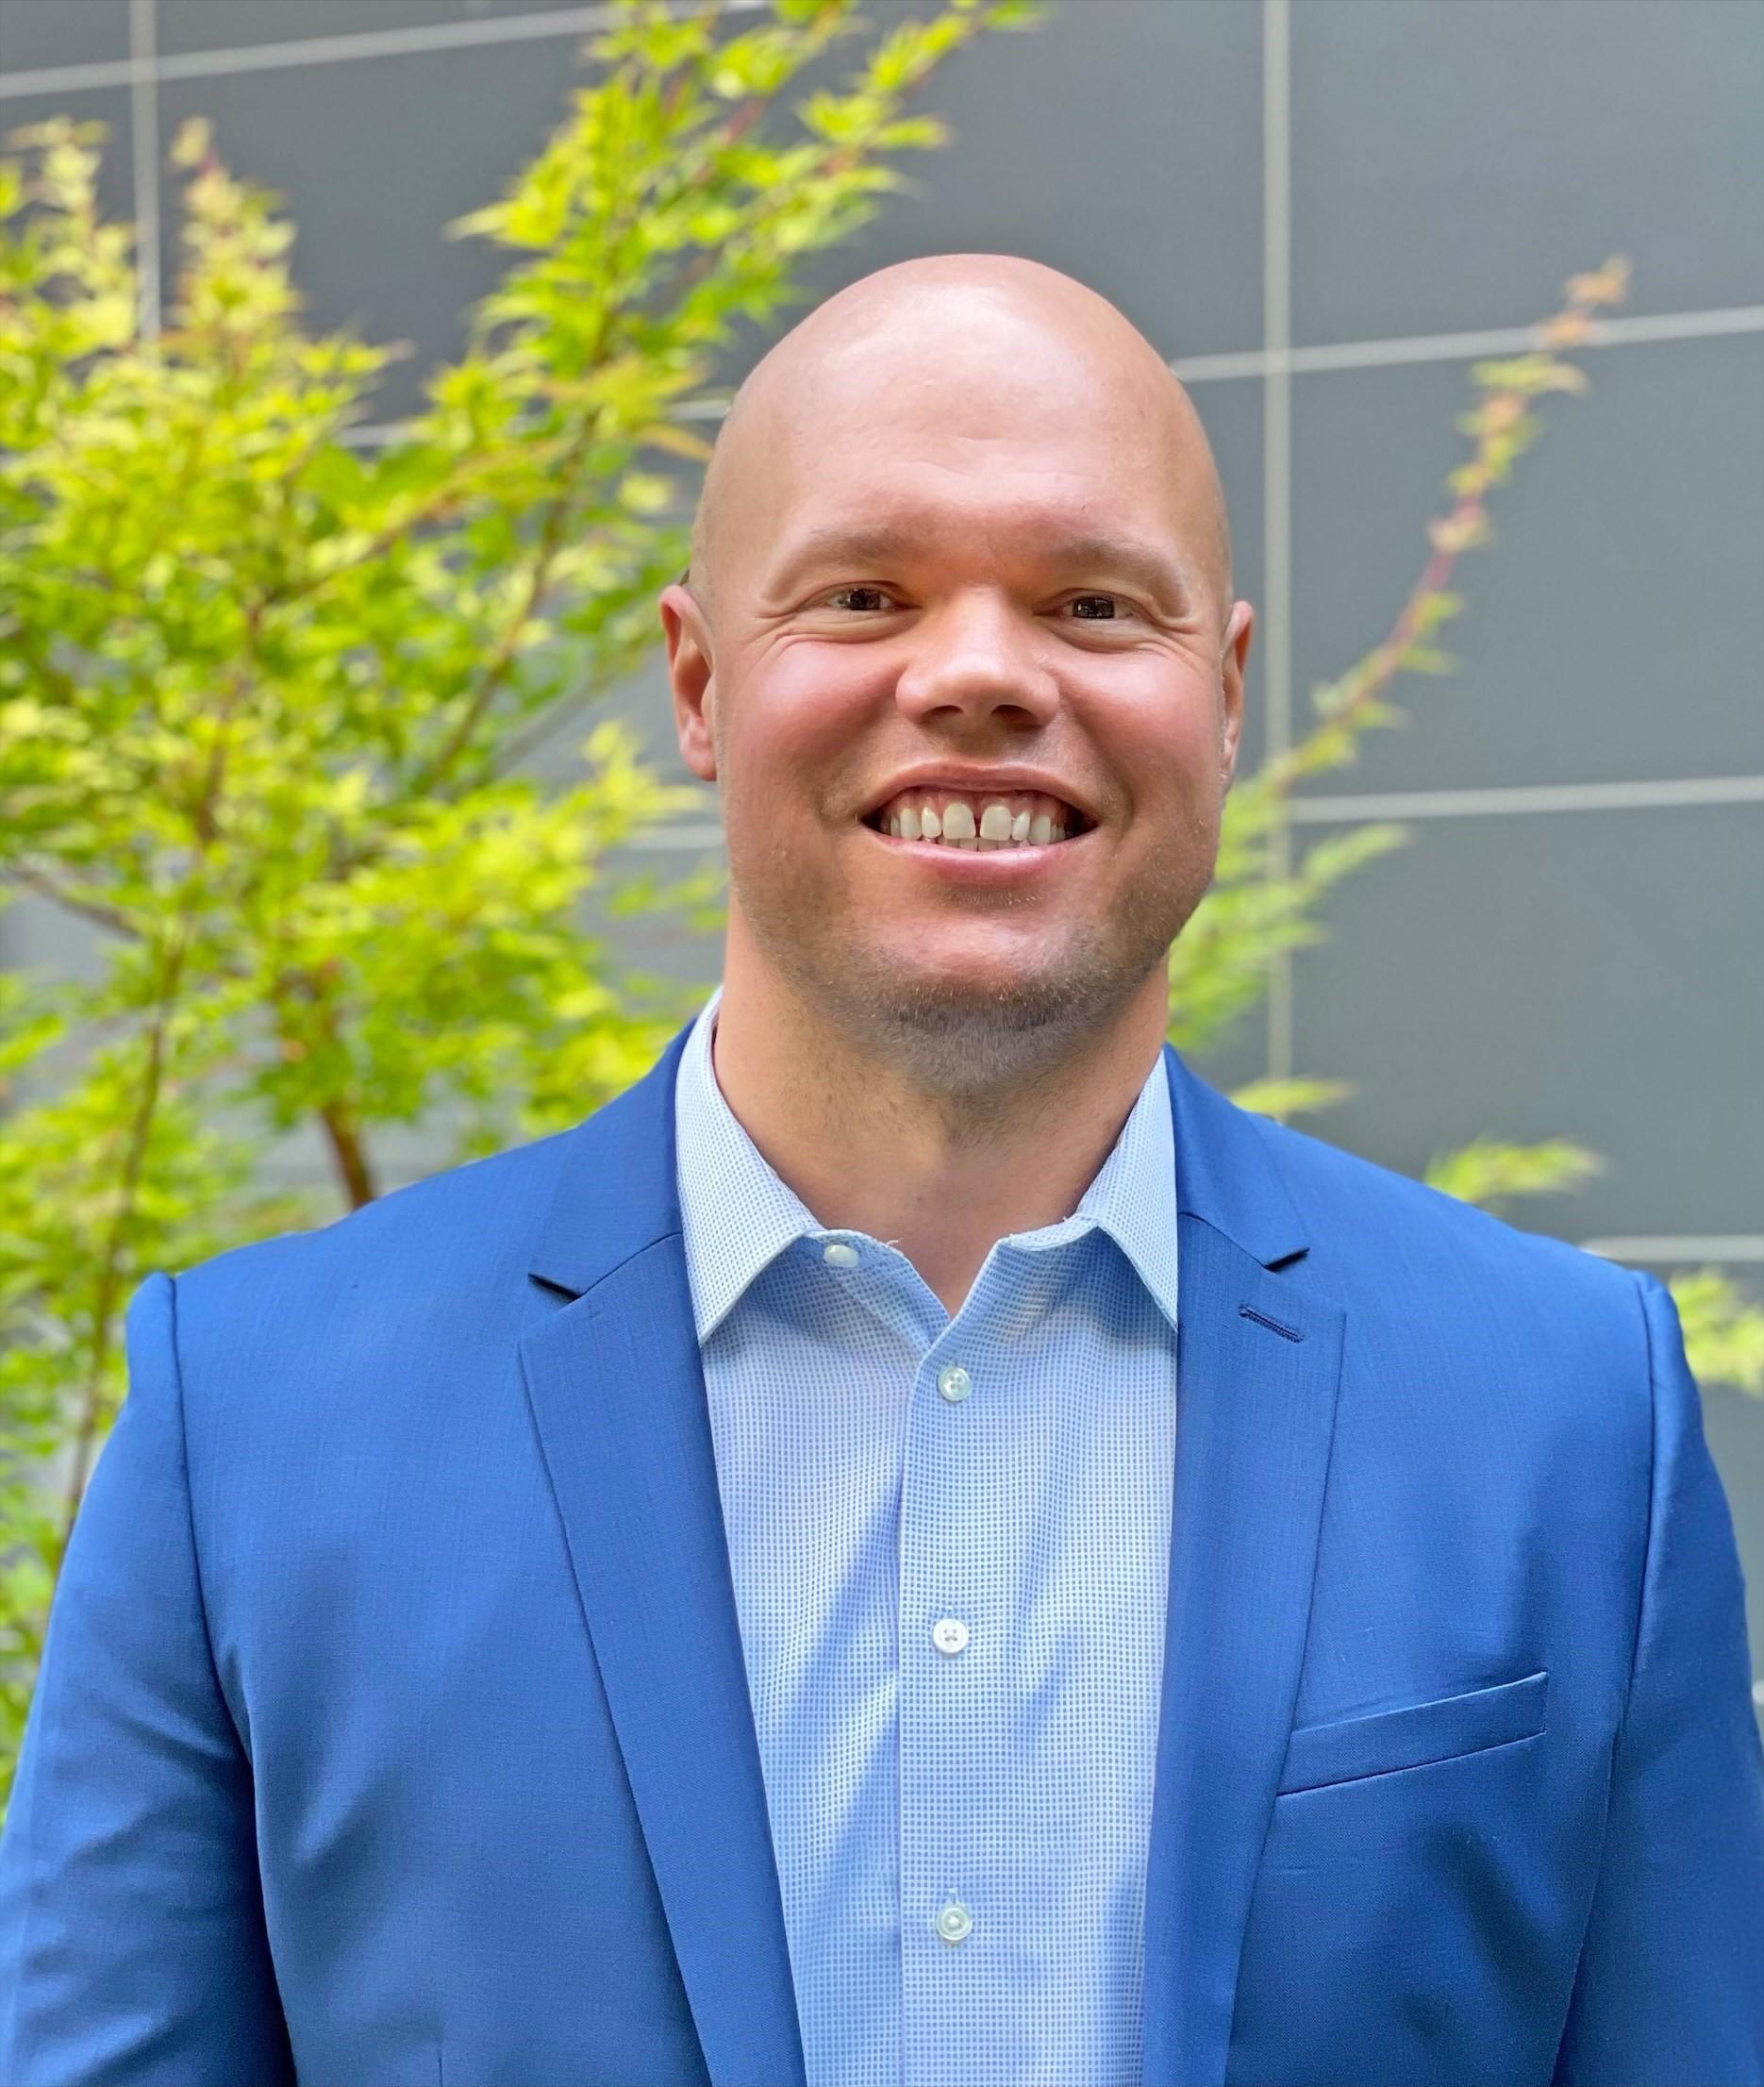 Joel Andersen